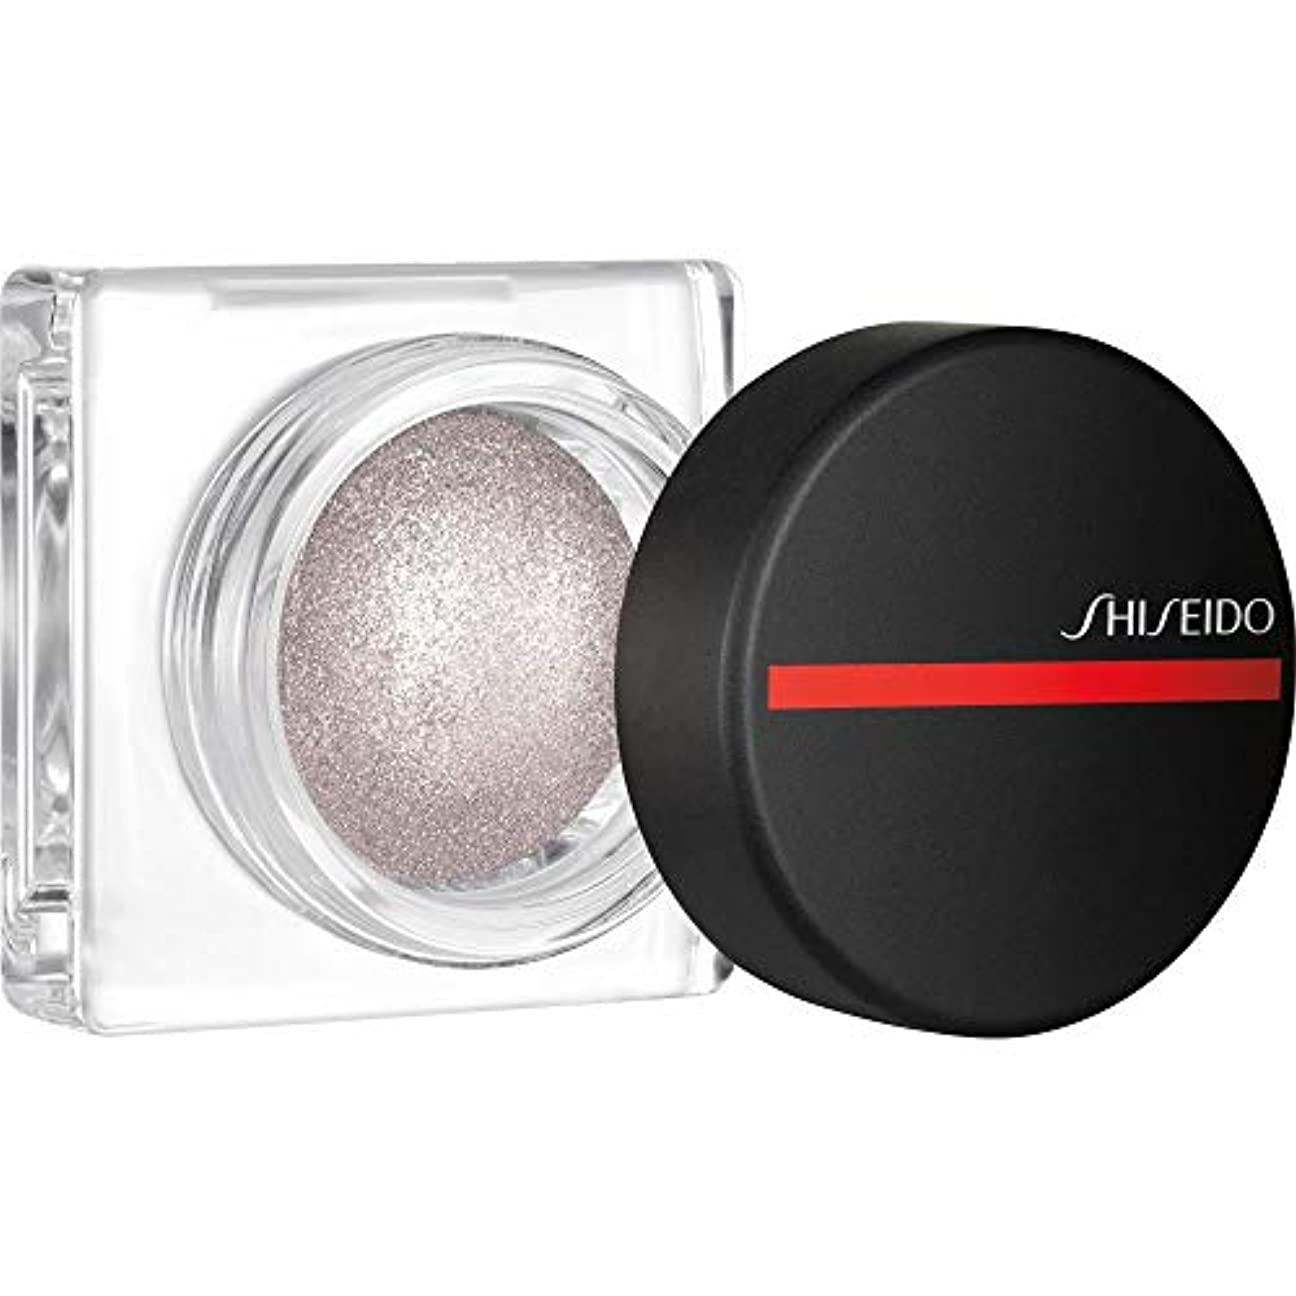 パワーはずオリエンタル[Shiseido] 資生堂のオーラ露の4.8グラム01 - 月面 - Shiseido Aura Dew 4.8g 01 - Lunar [並行輸入品]